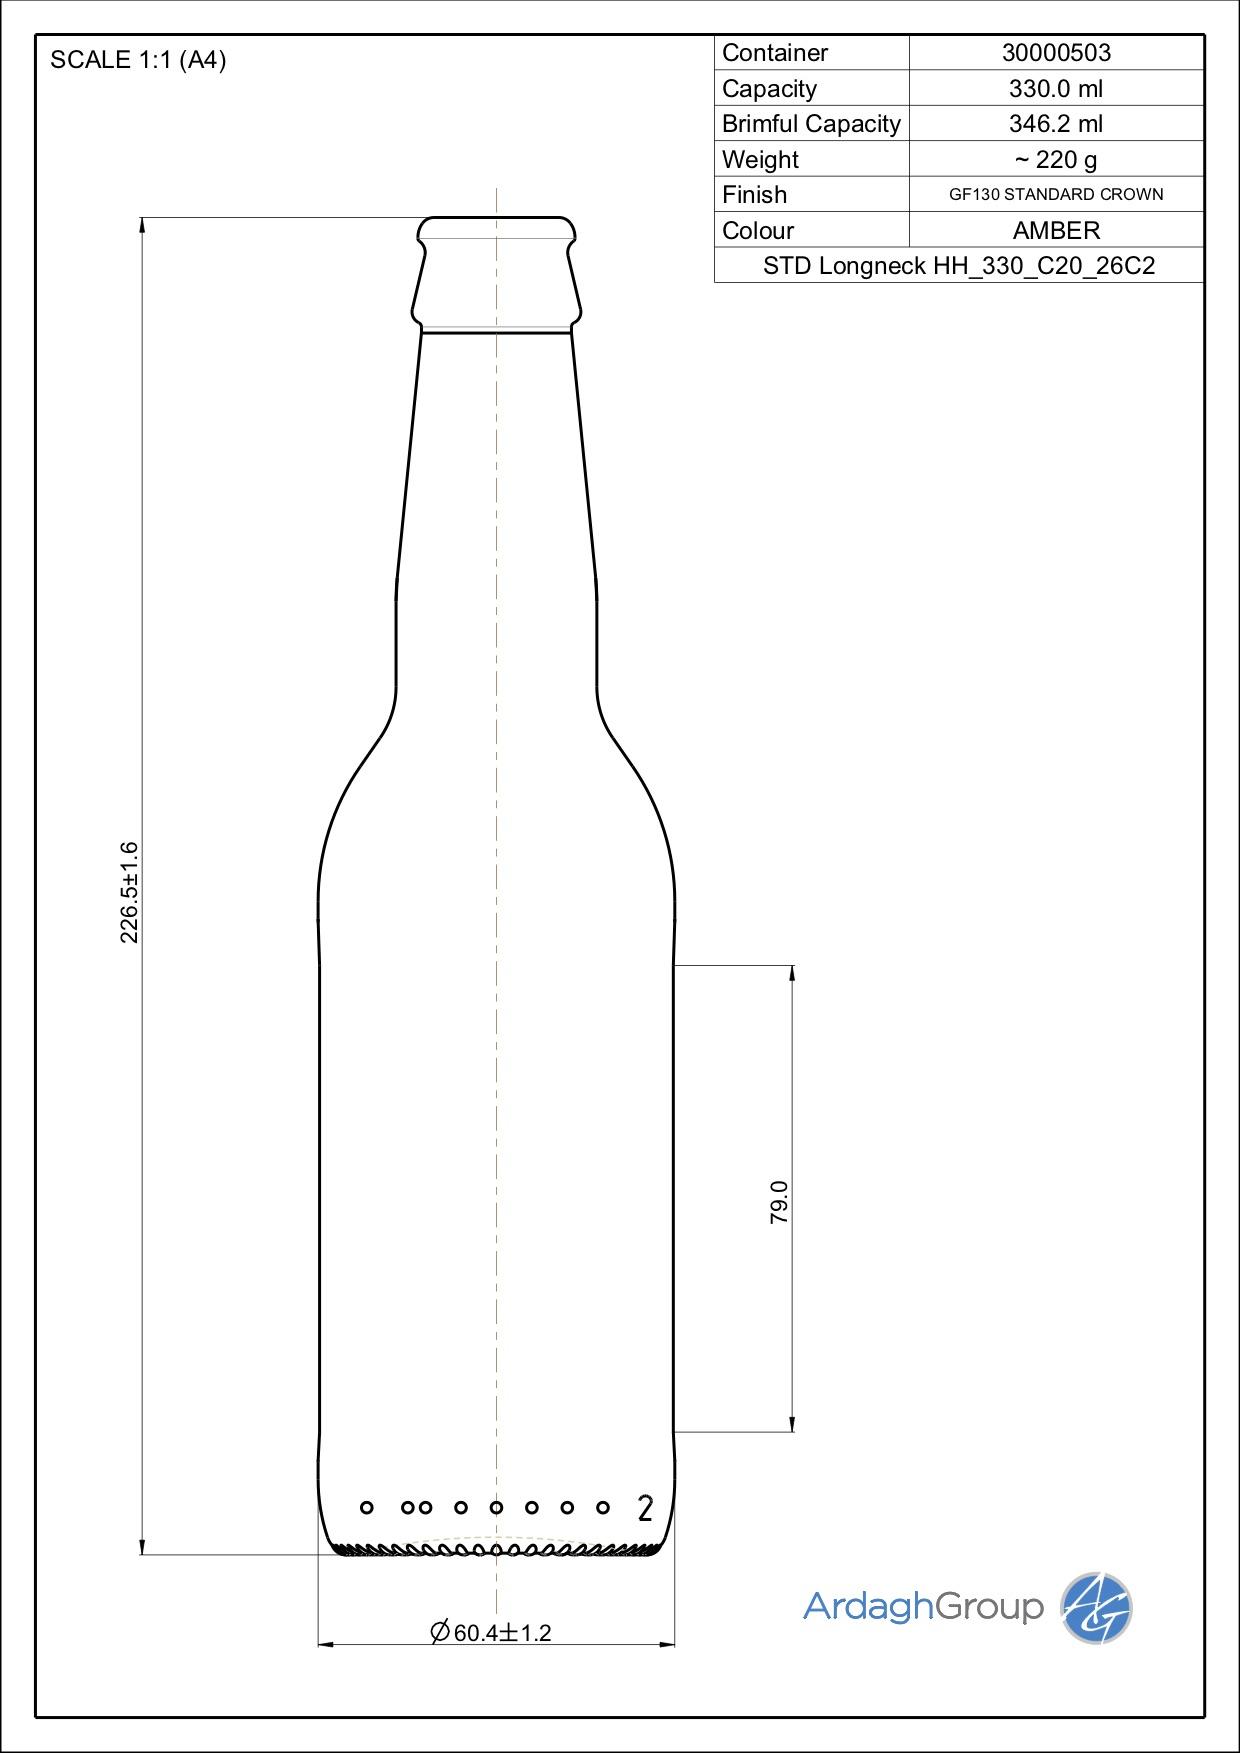 STD Longneck HH_330_C20_26C2